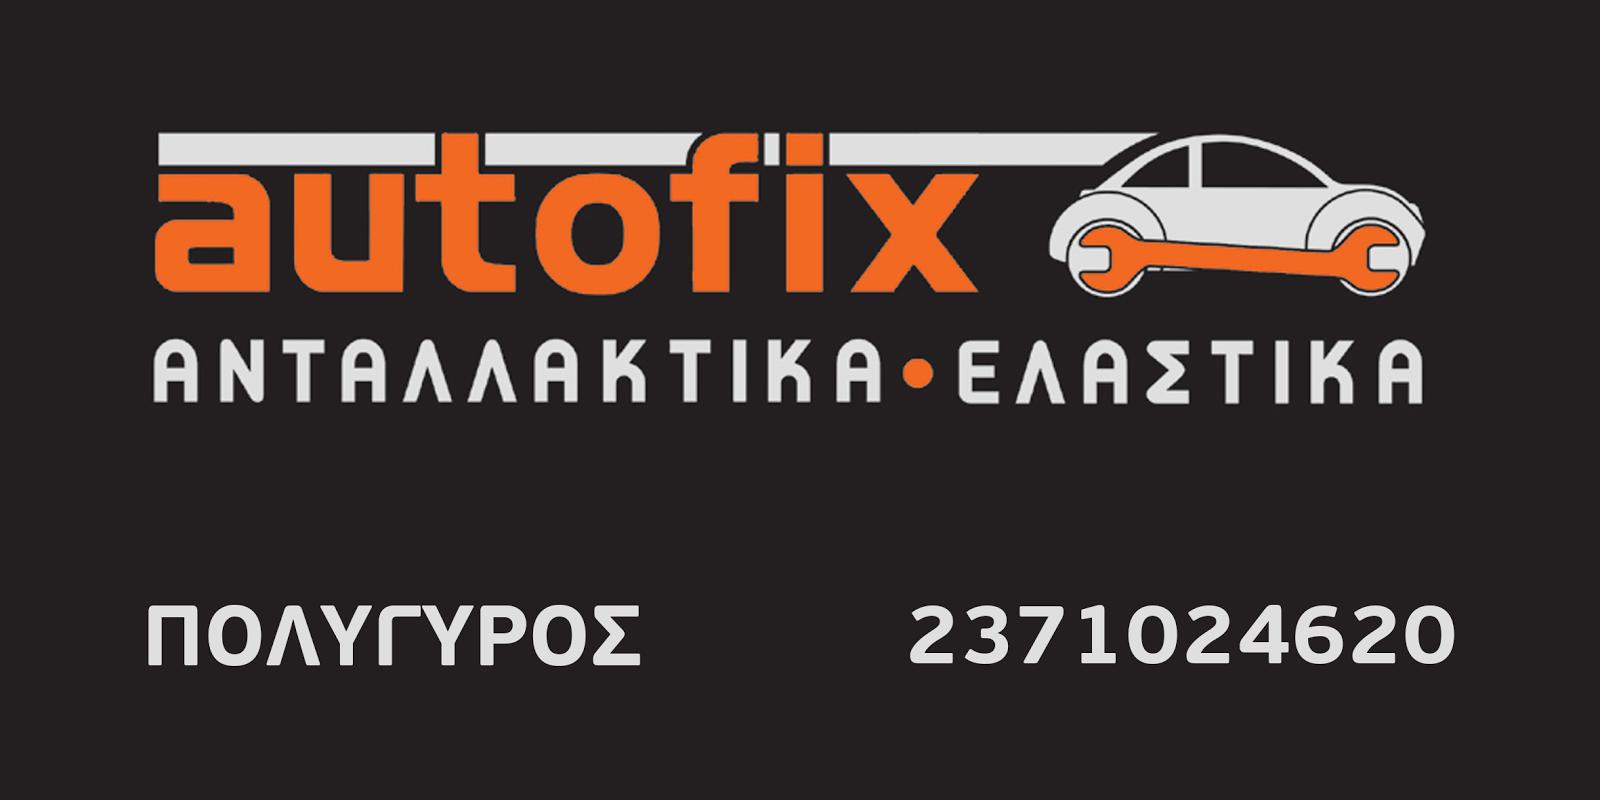 Αutofix